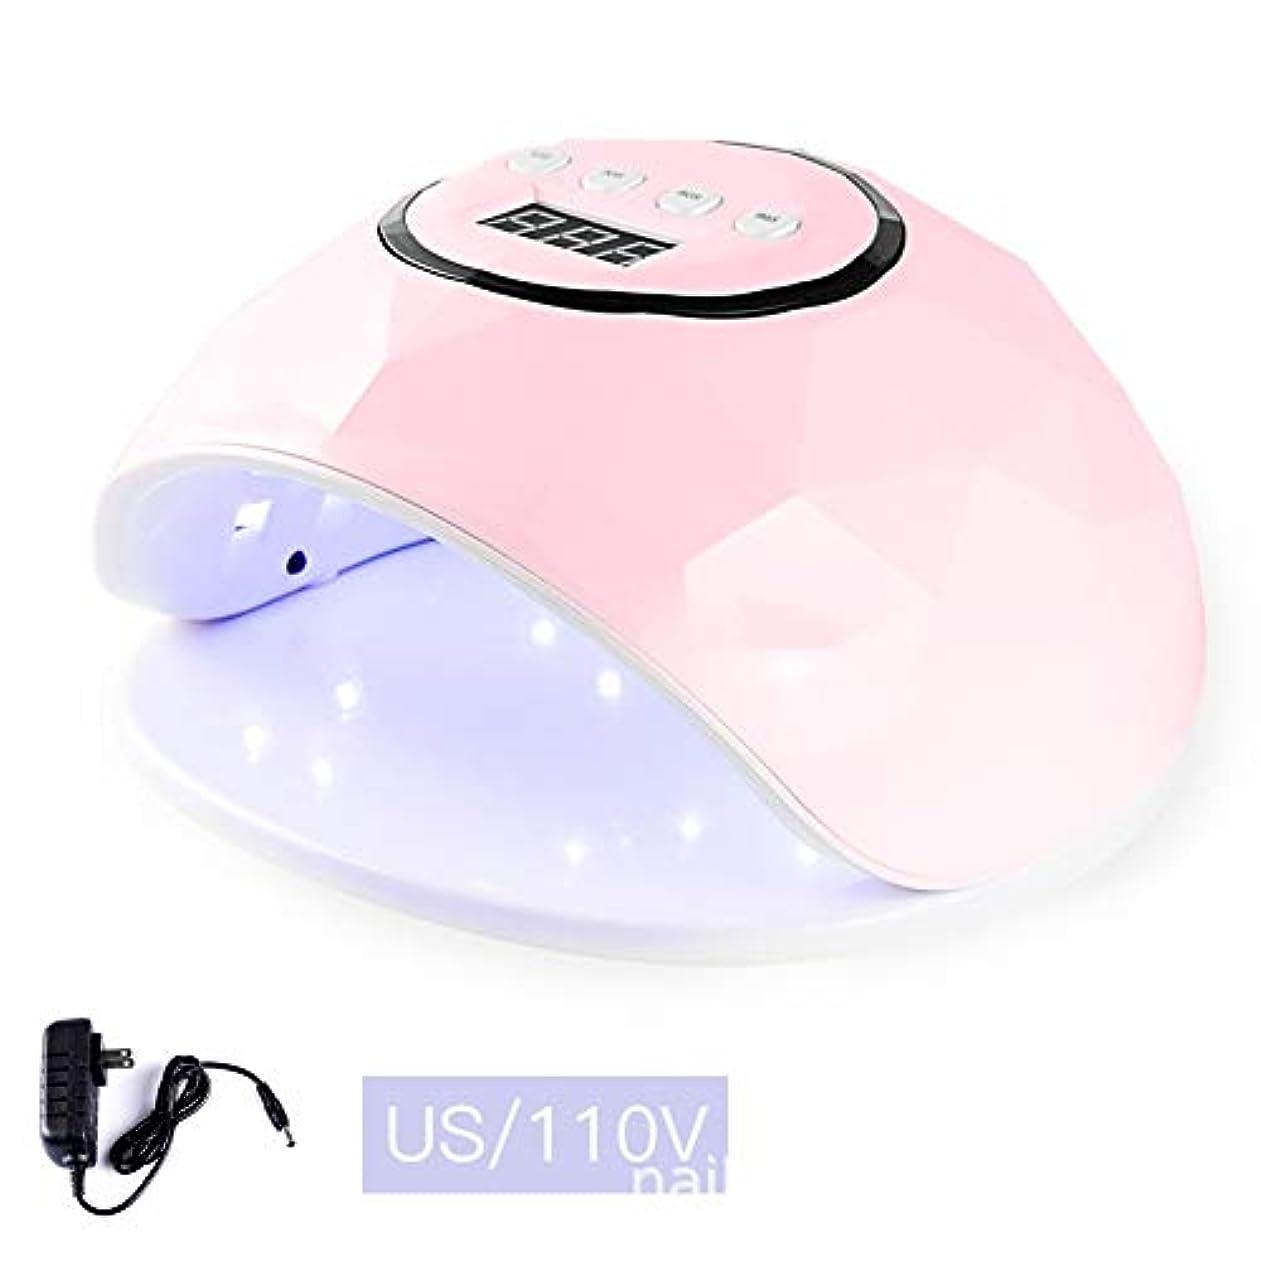 心理学自然過度のLittleCat F5インテリジェントセンサー72W LEDランプライト療法機械ネイルネイルポリッシュドライヤーの熱ランプガム (色 : Pink 110V flat plug 72 watts)